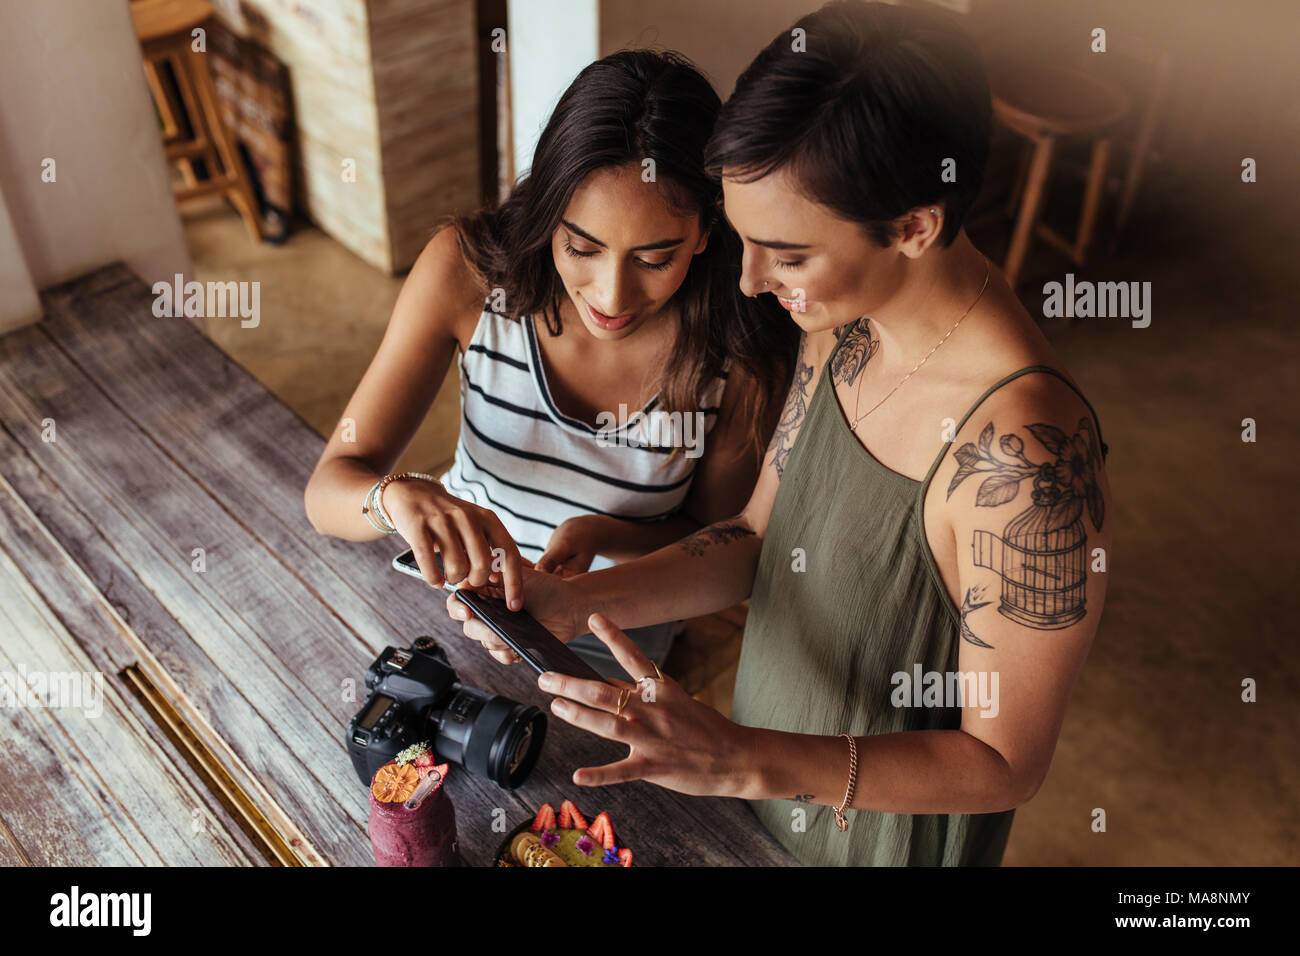 Las mujeres bloggers fotografías de cuenco de fruta y batidos jar colocado junto con una cámara DSLR para un artículo de blog de alimentos. Los bloggers de alimentos busca en th Imagen De Stock